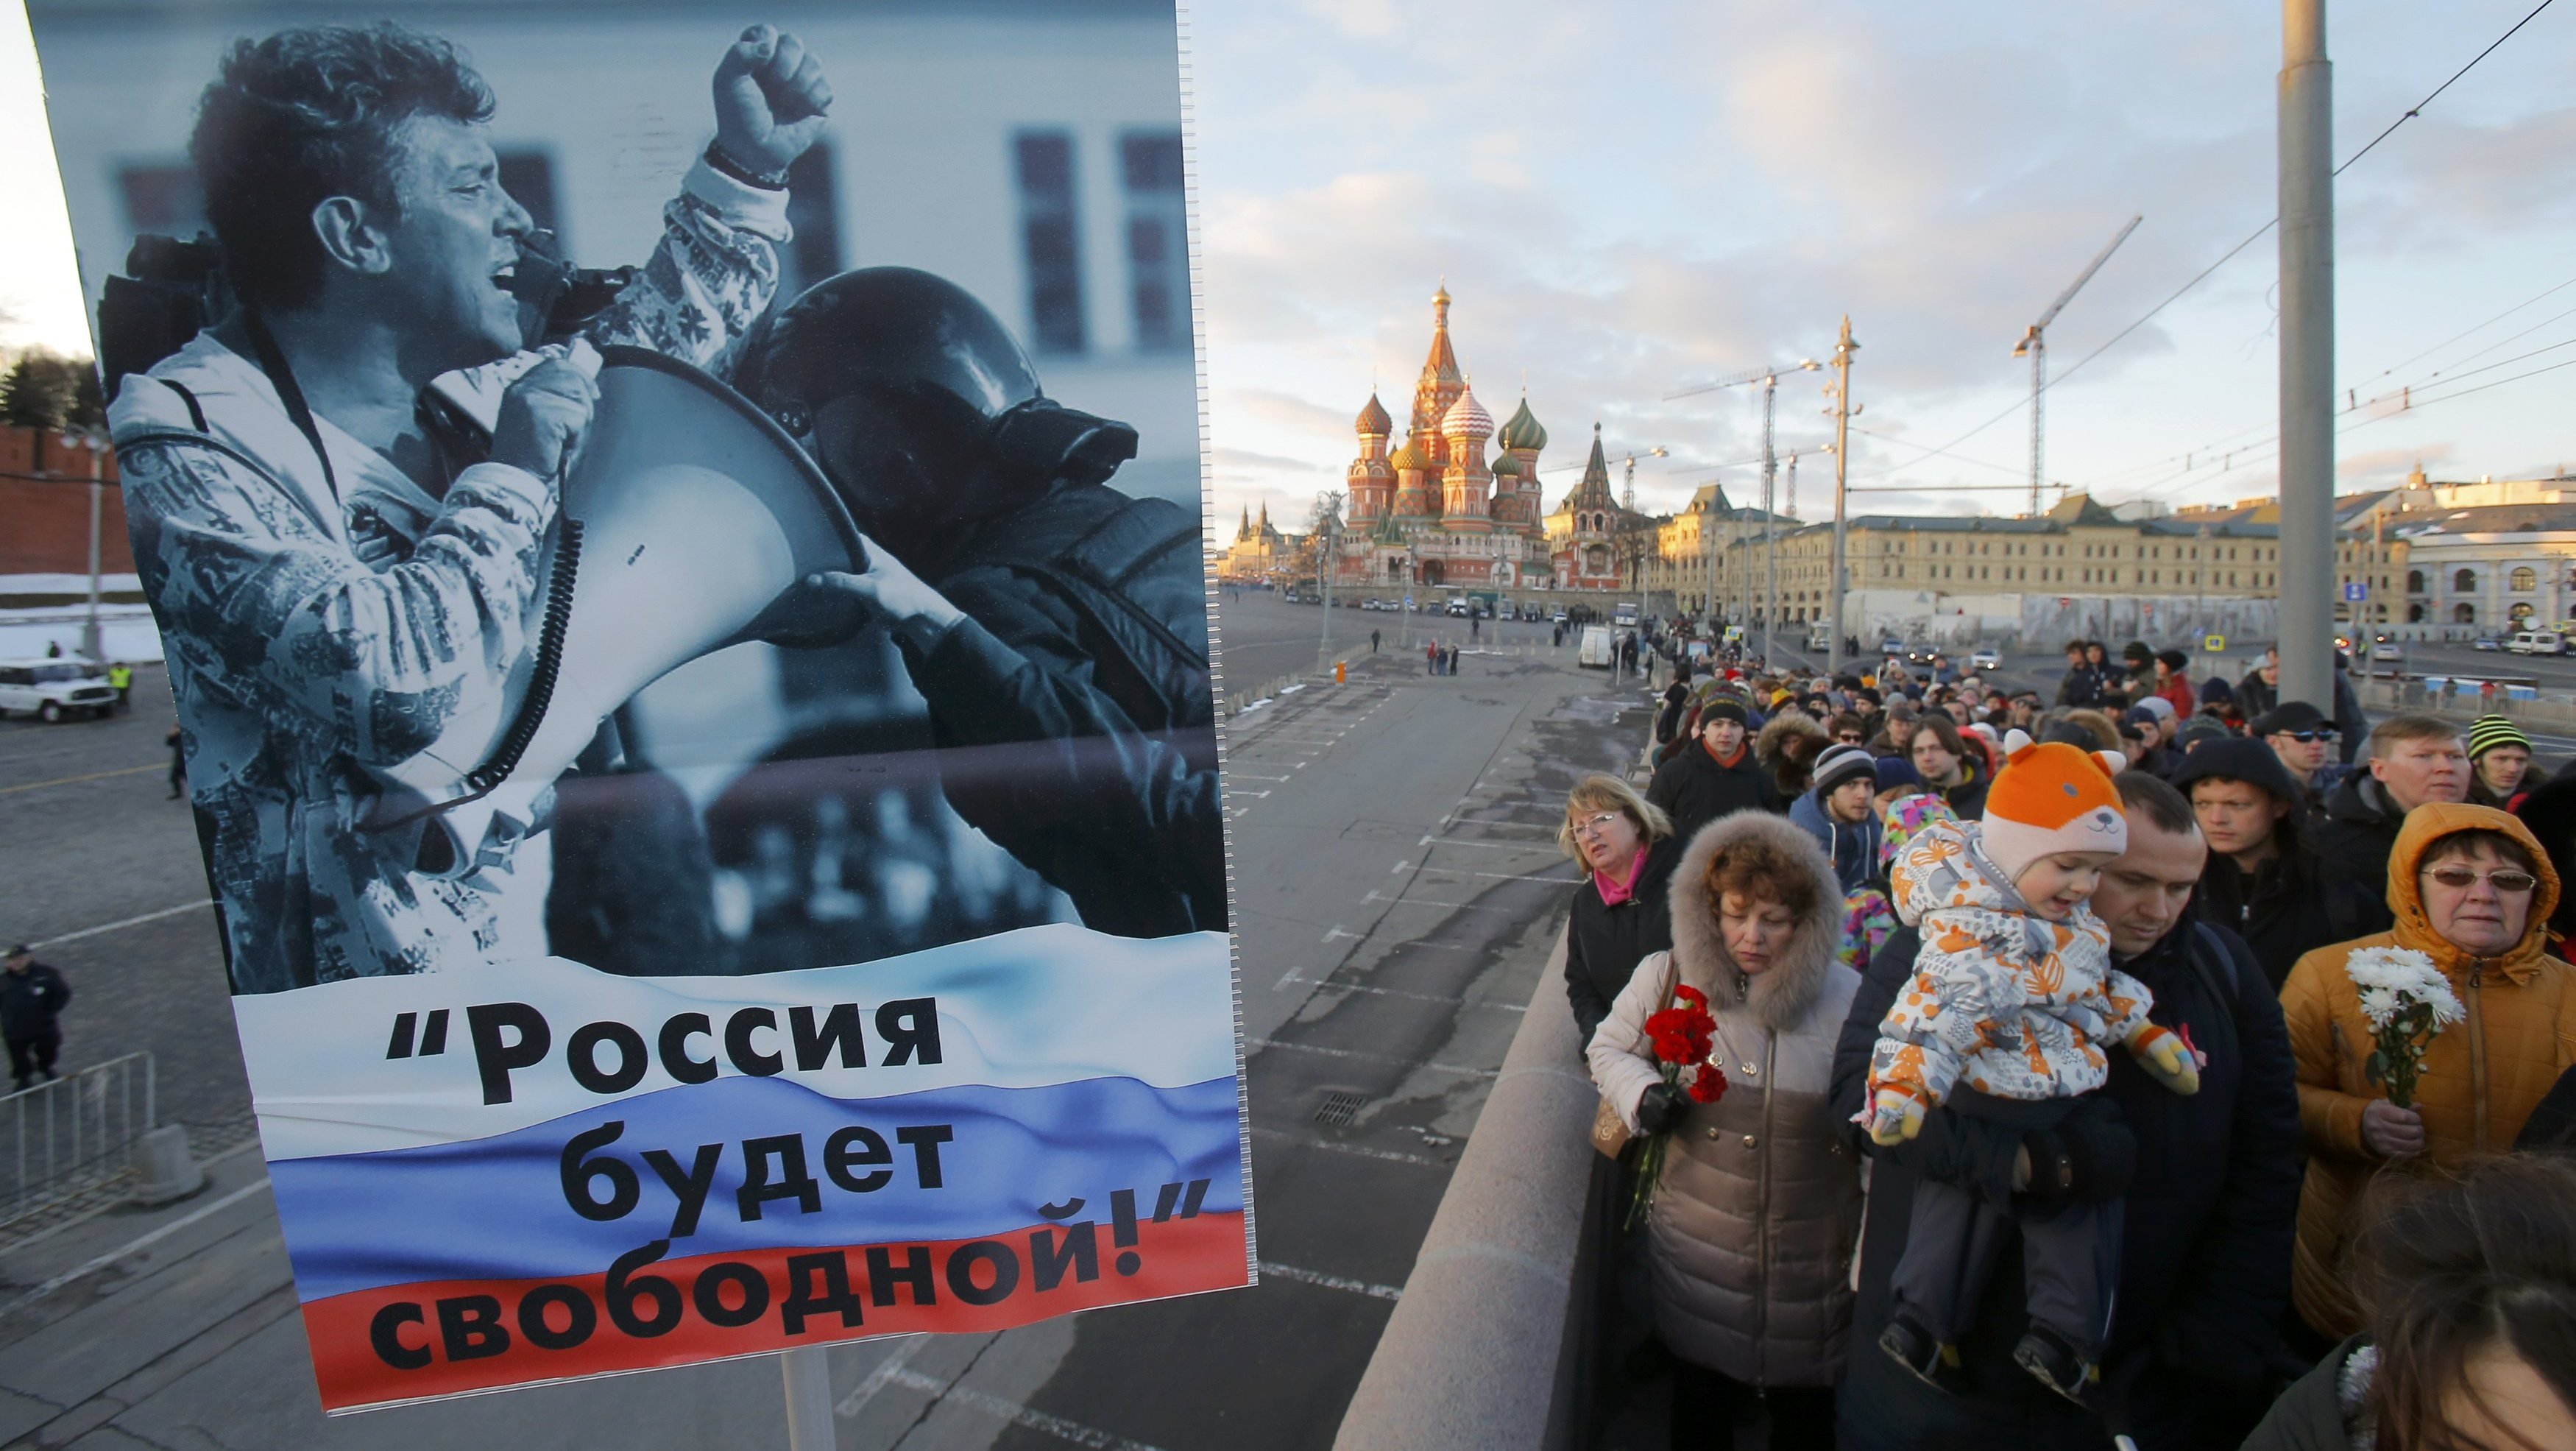 Плакат и акция памяти на месте убийства Бориса Немцова в Москве. Фото: Reuters